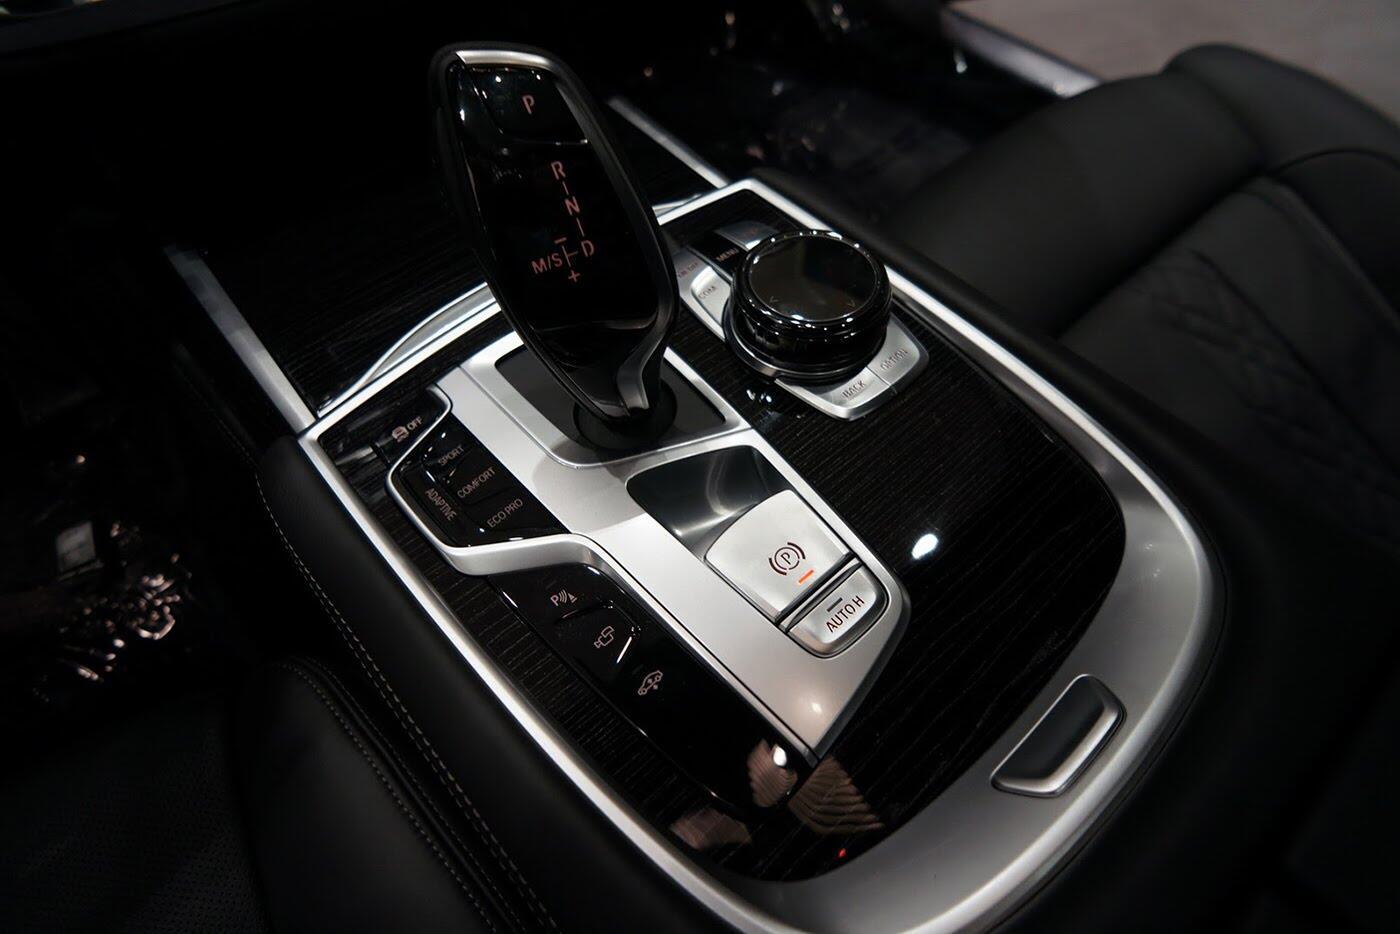 Cận cảnh BMW 750i 2017 phiên bản đặc biệt Fire Orange - Hình 24